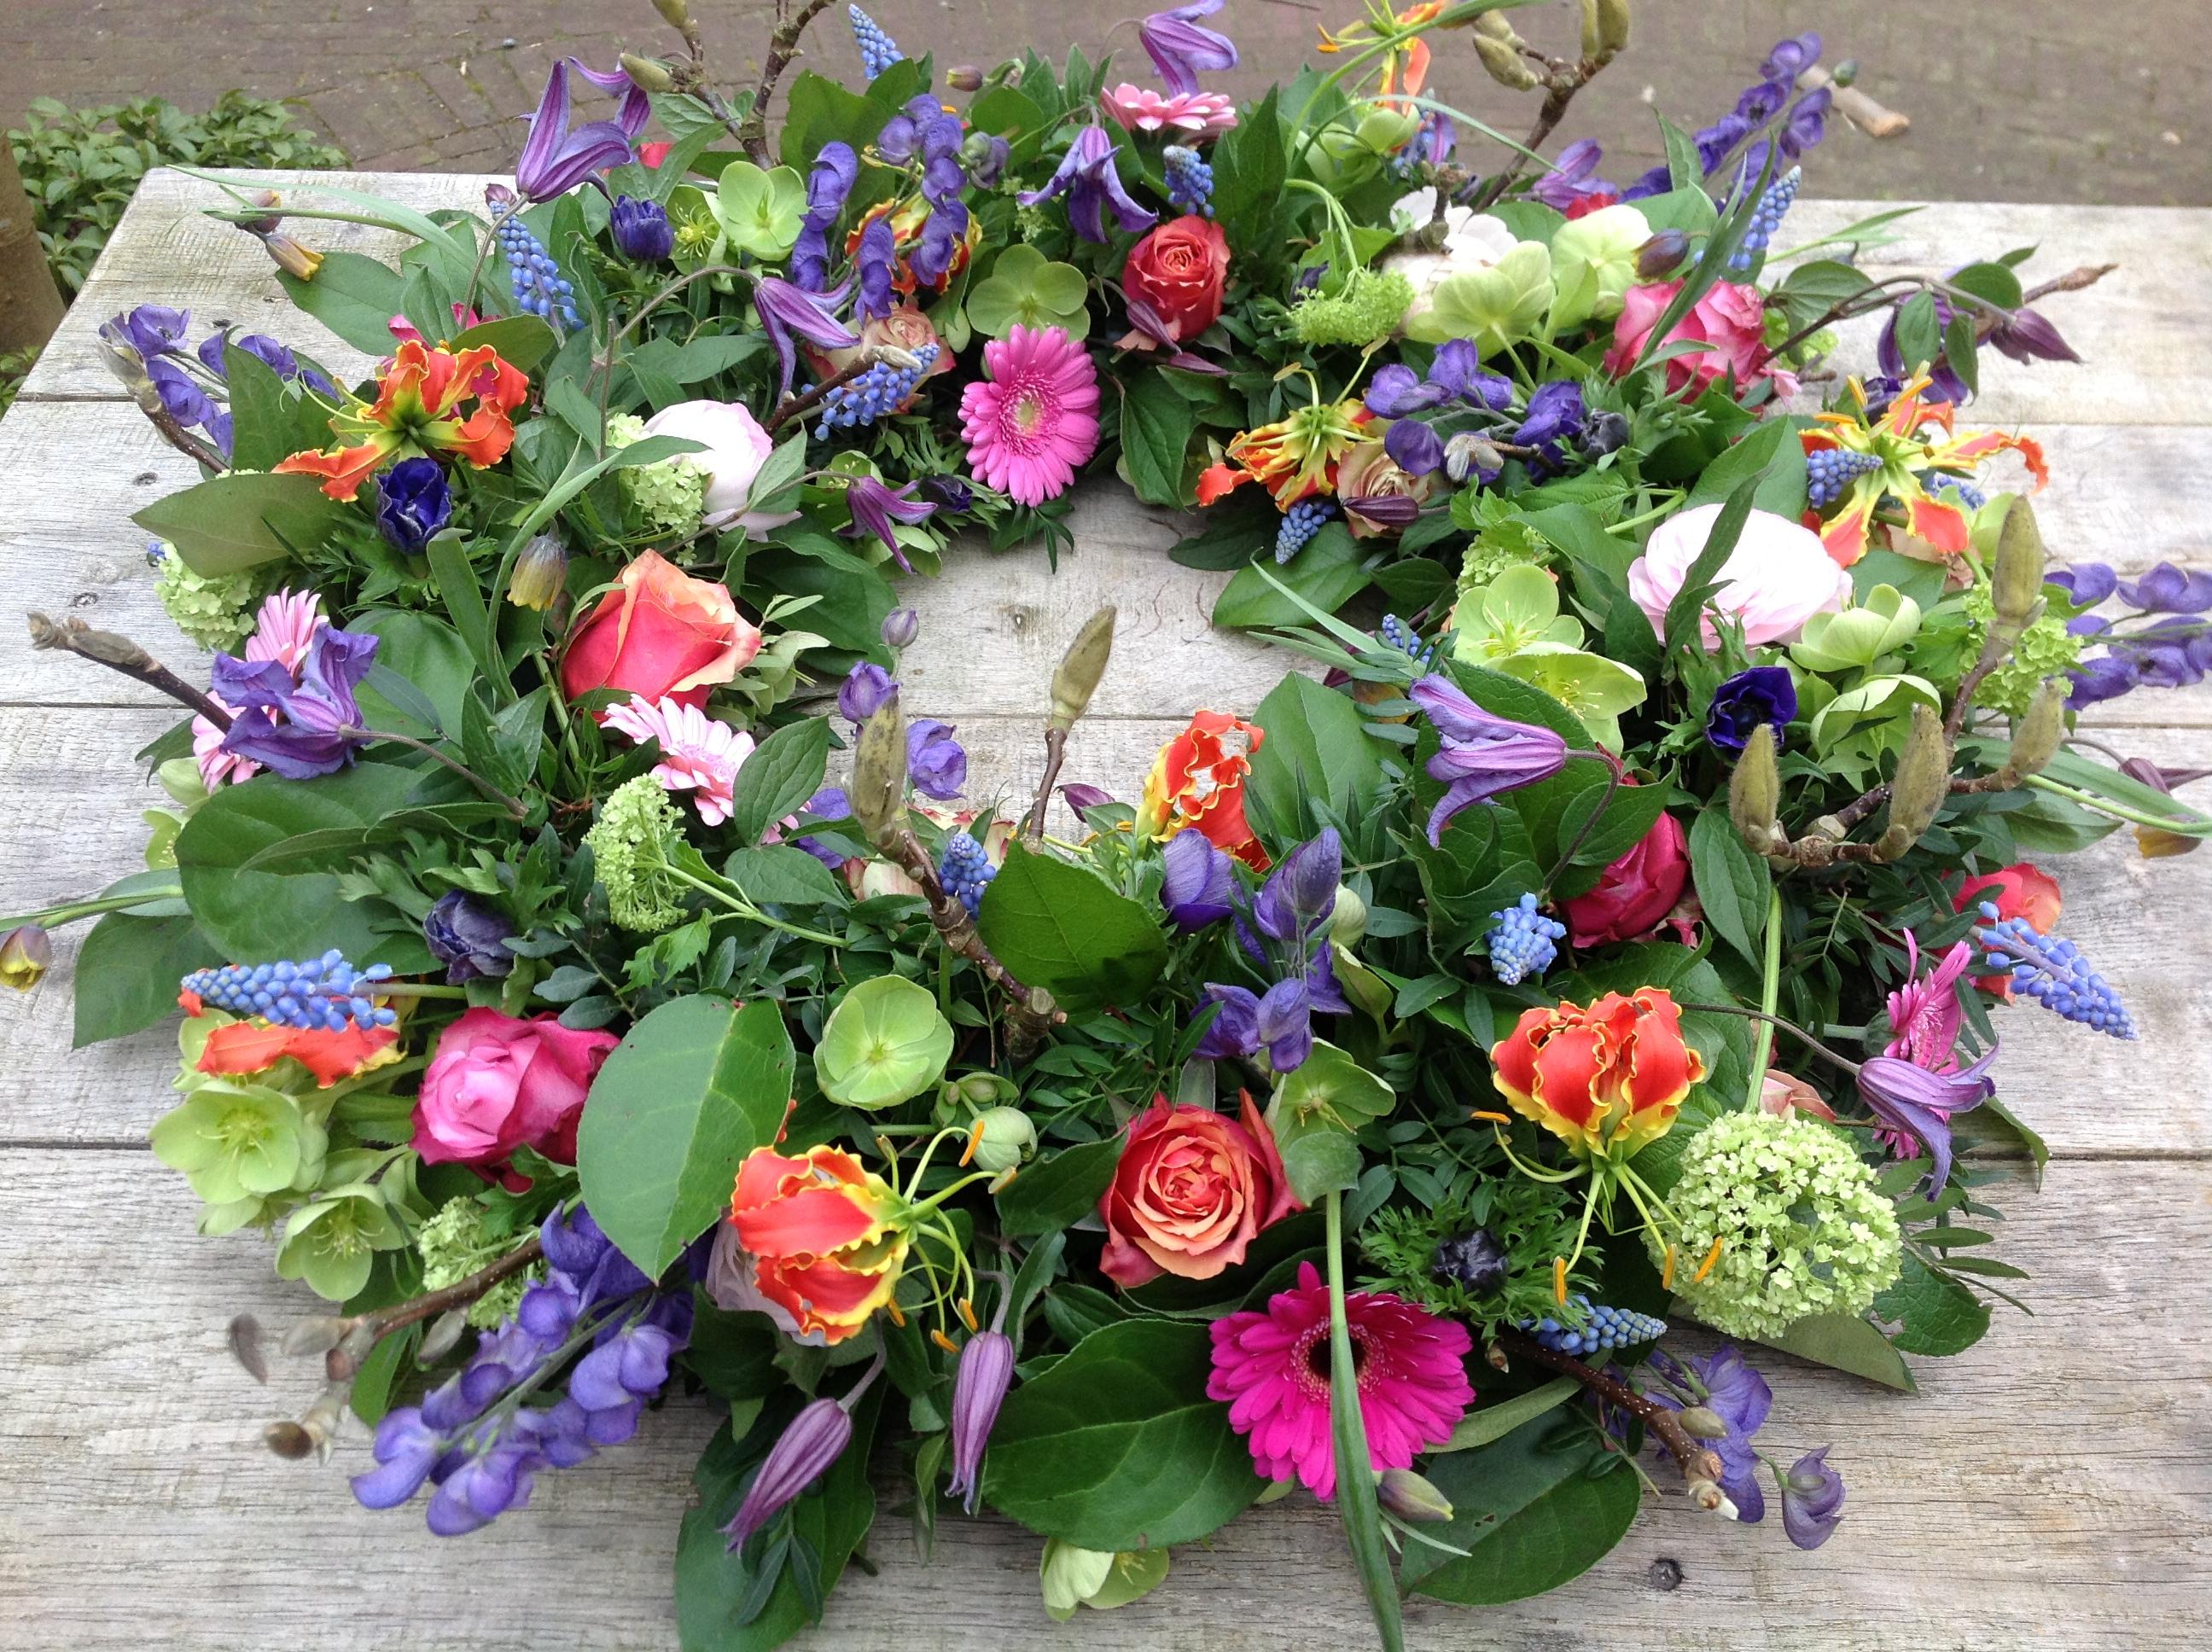 Rouwkrans gemaakt van gekleurde voorjaarsbloemen